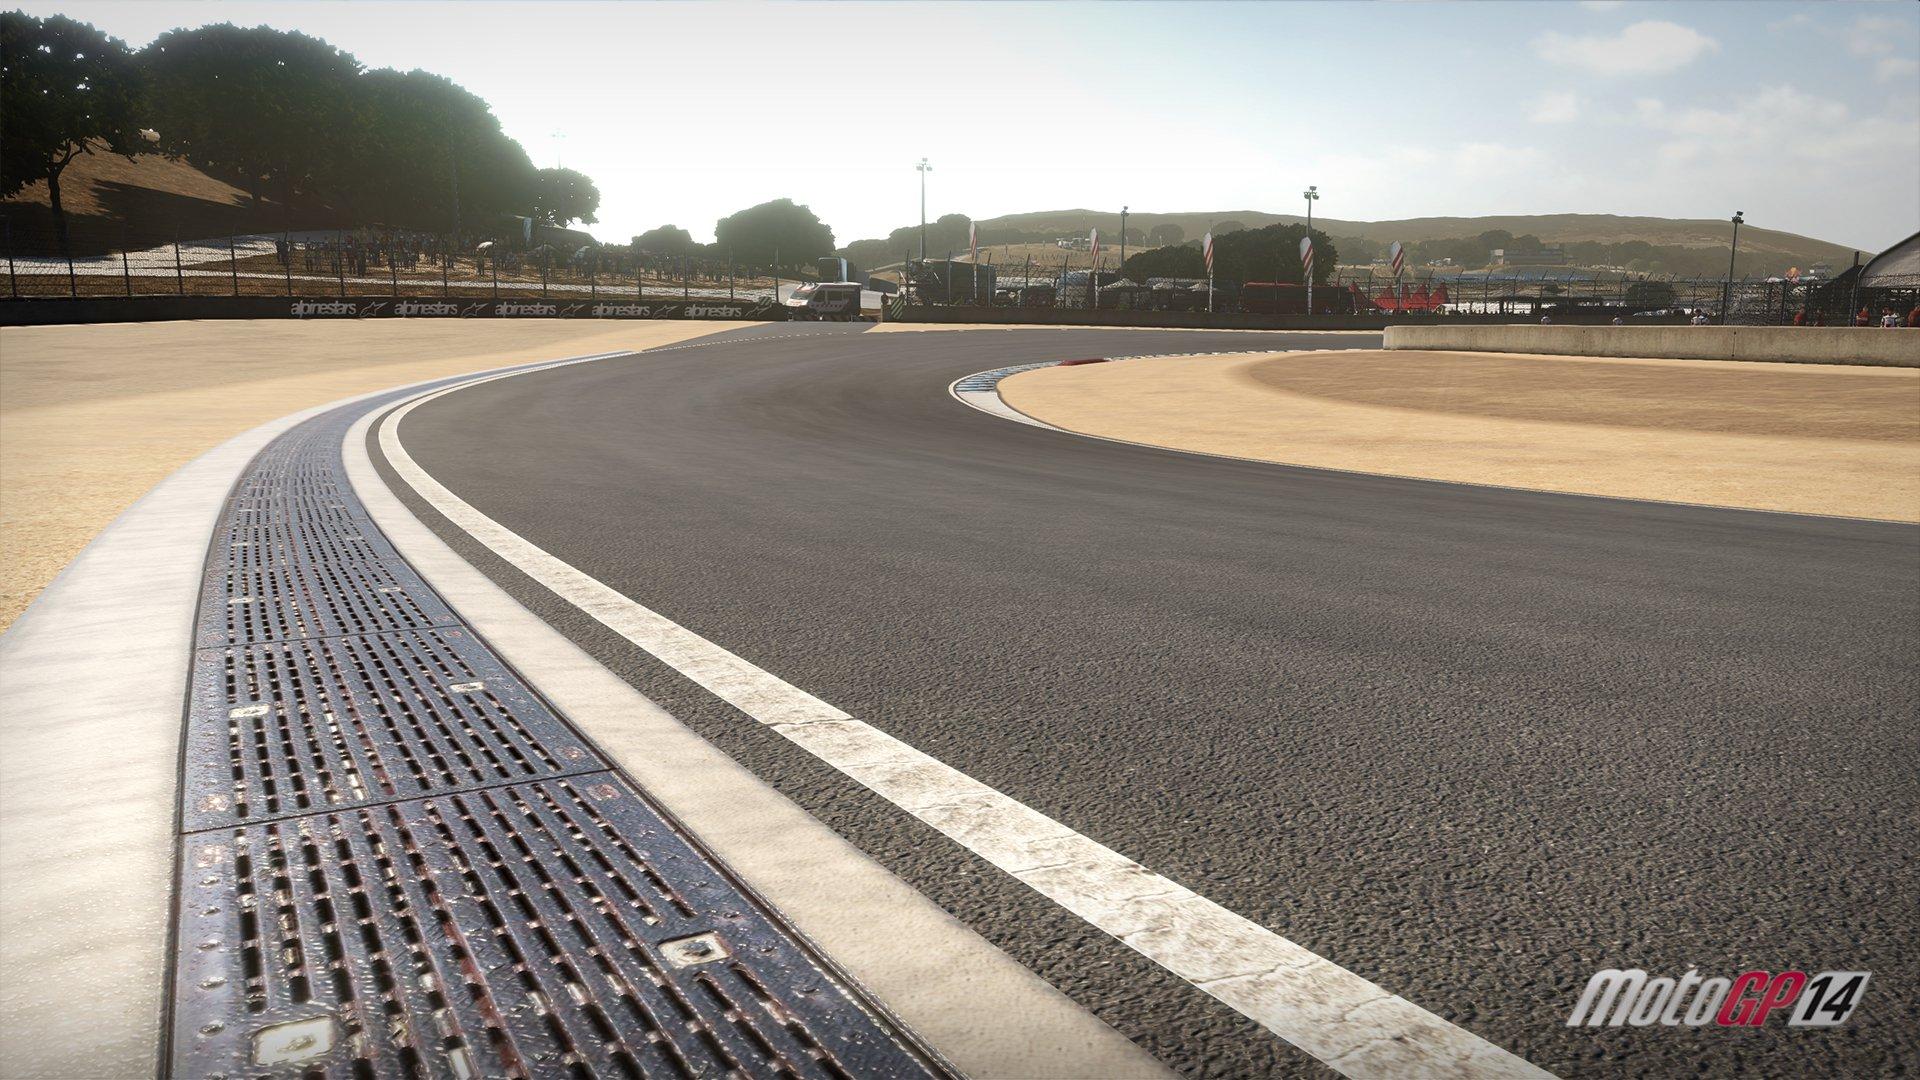 Moto GP 14 Season Pass 10